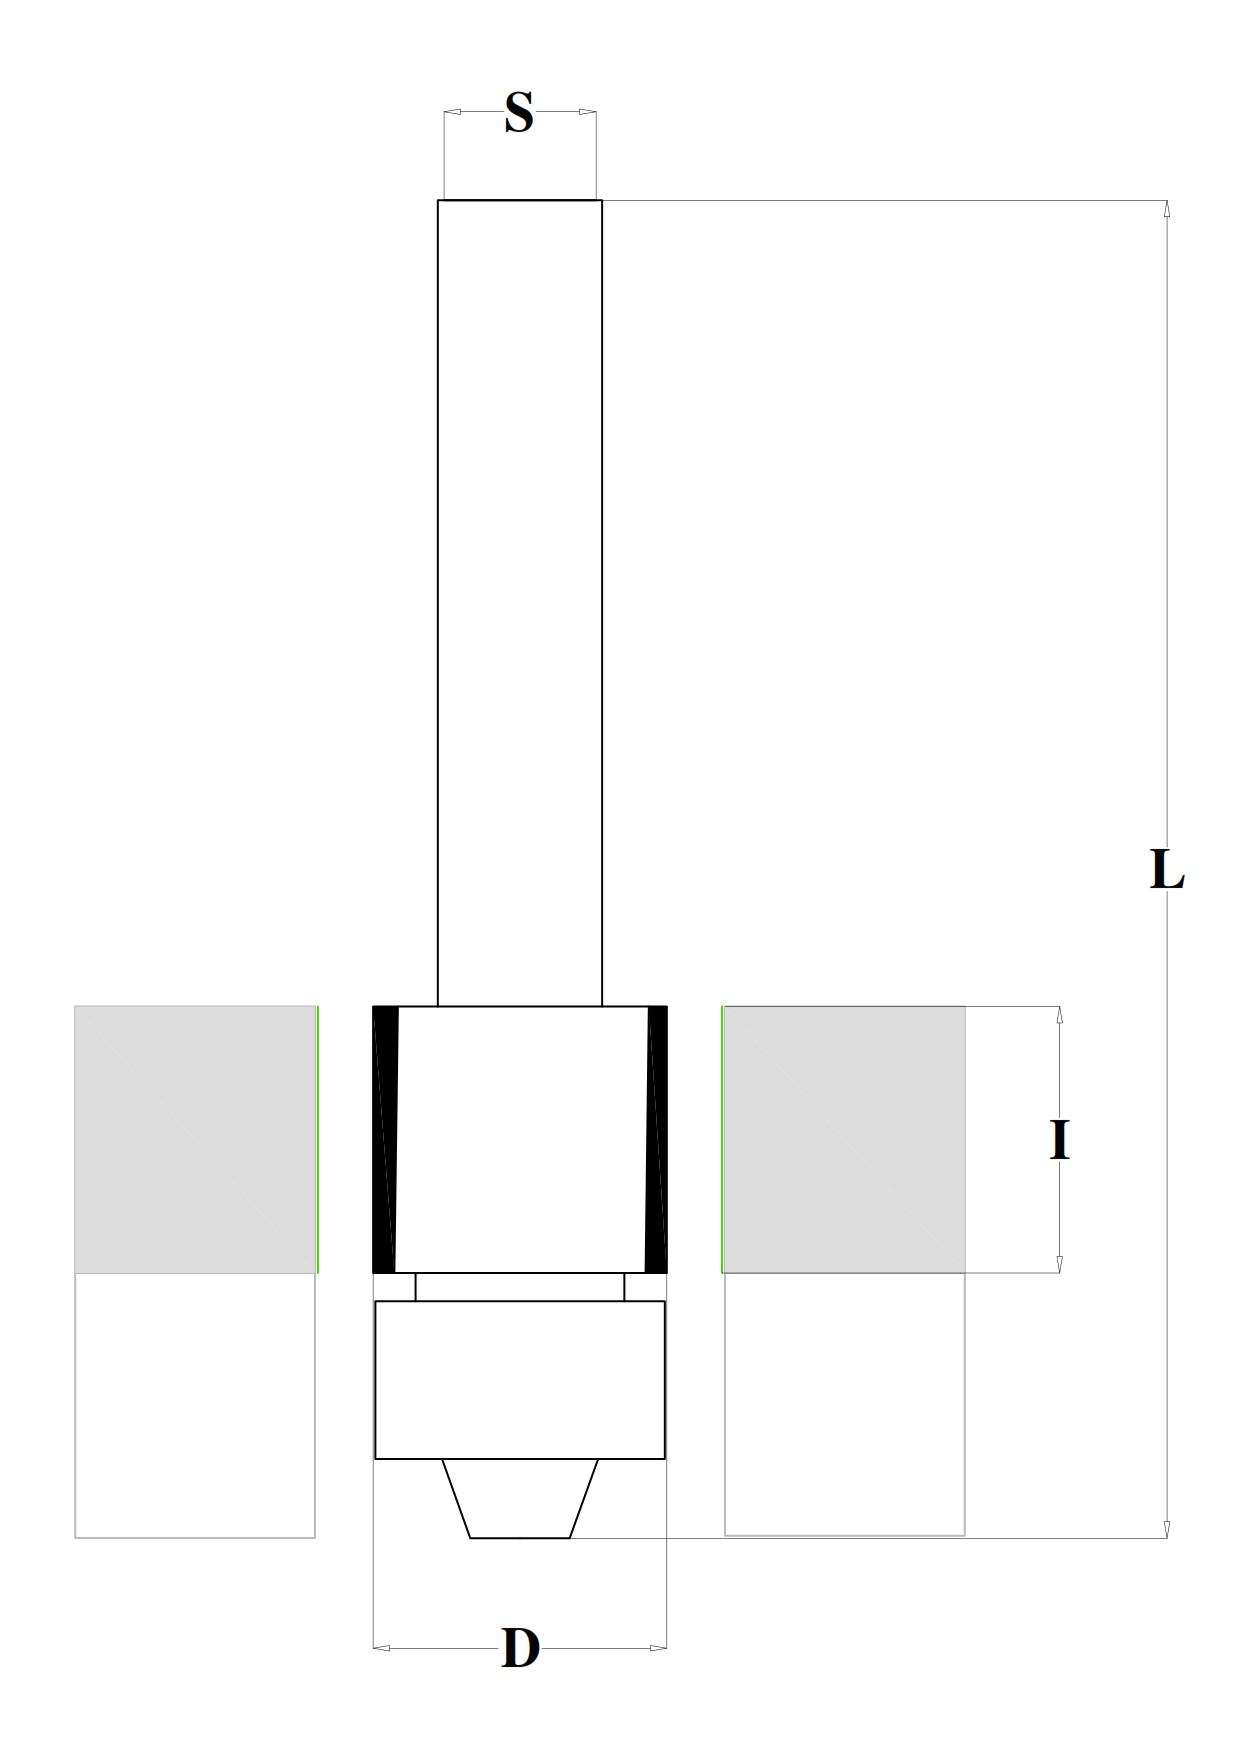 Fresa in PKD diamante per rifilare con cuscinetto Z=2 - disegno tecnico